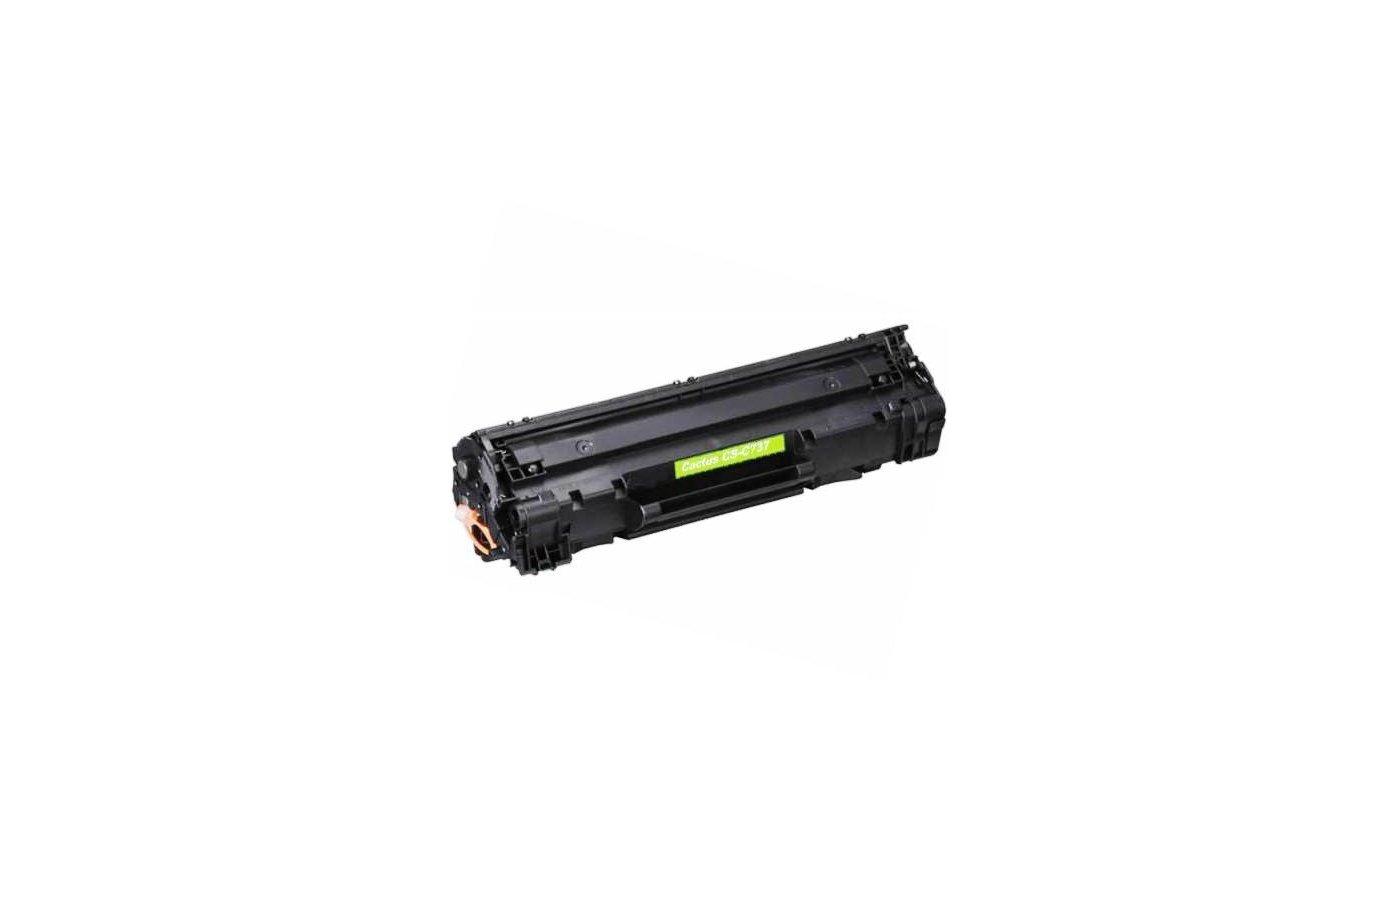 Картридж лазерный Cactus CS-C737 черный для Canon MF 210/211/212/216/217/220 (2400стр.)